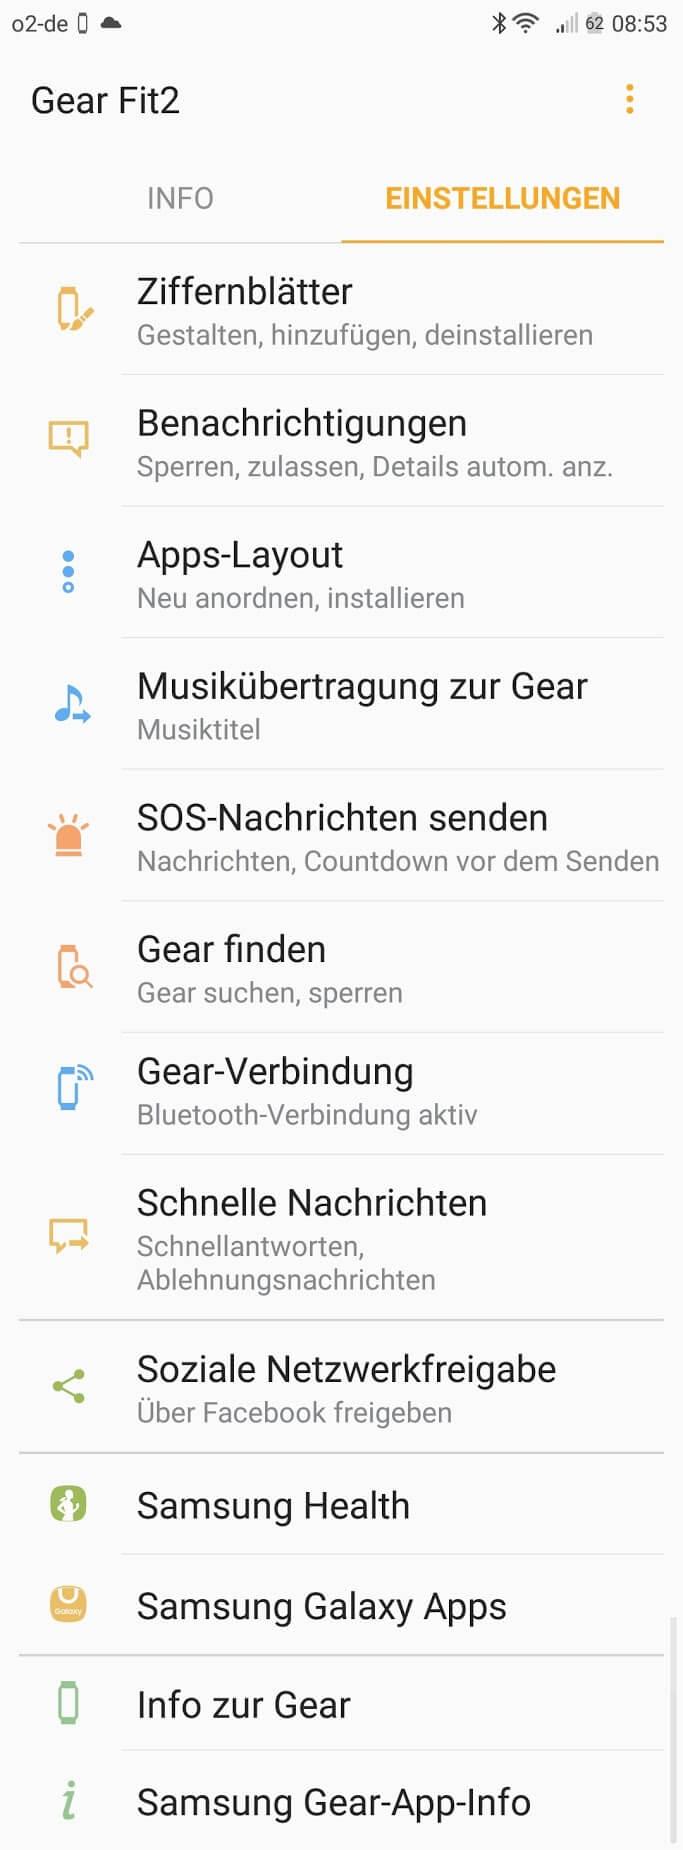 Gear Fit 2 Update R360XXU1DQE6 gestartet: SOS-Nachrichten und Standort-Tracking hinzugefügt techboys.de • smarte News, auf den Punkt!